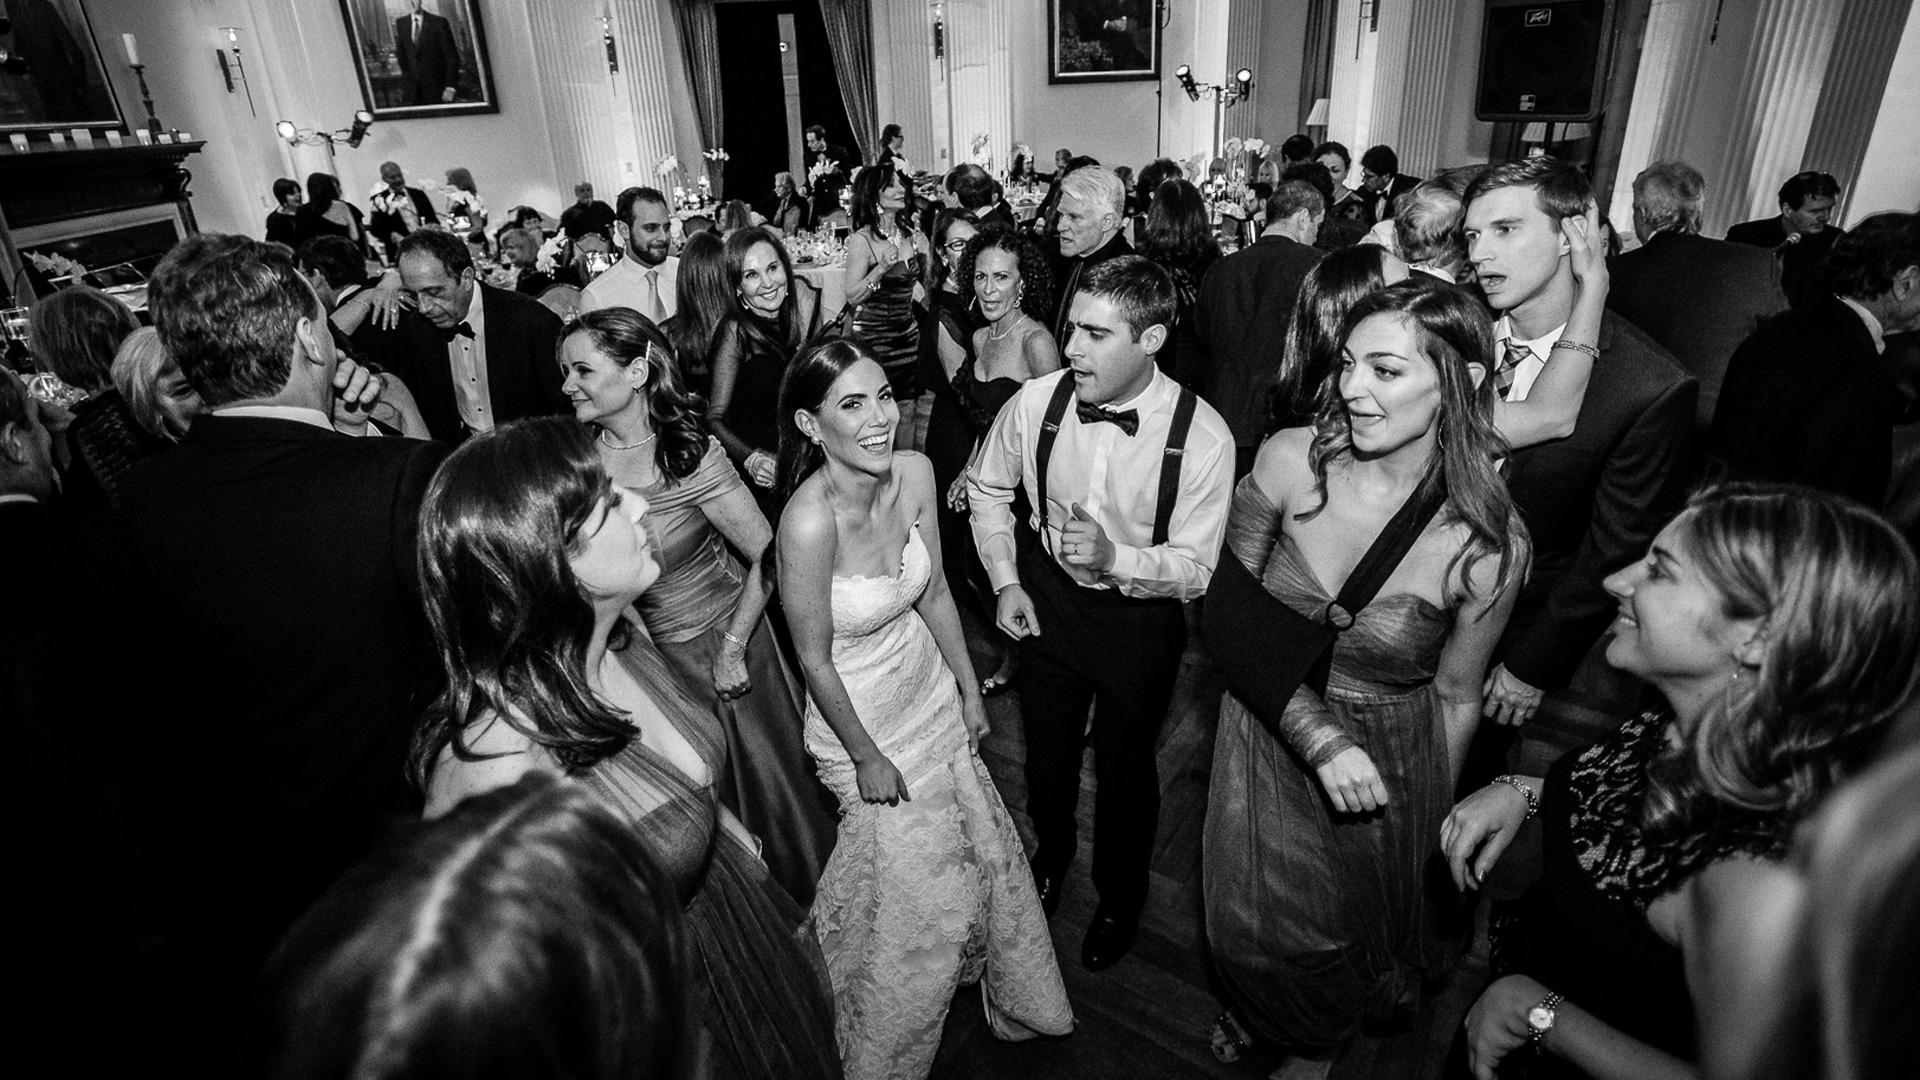 yale club nyc weddin dancing